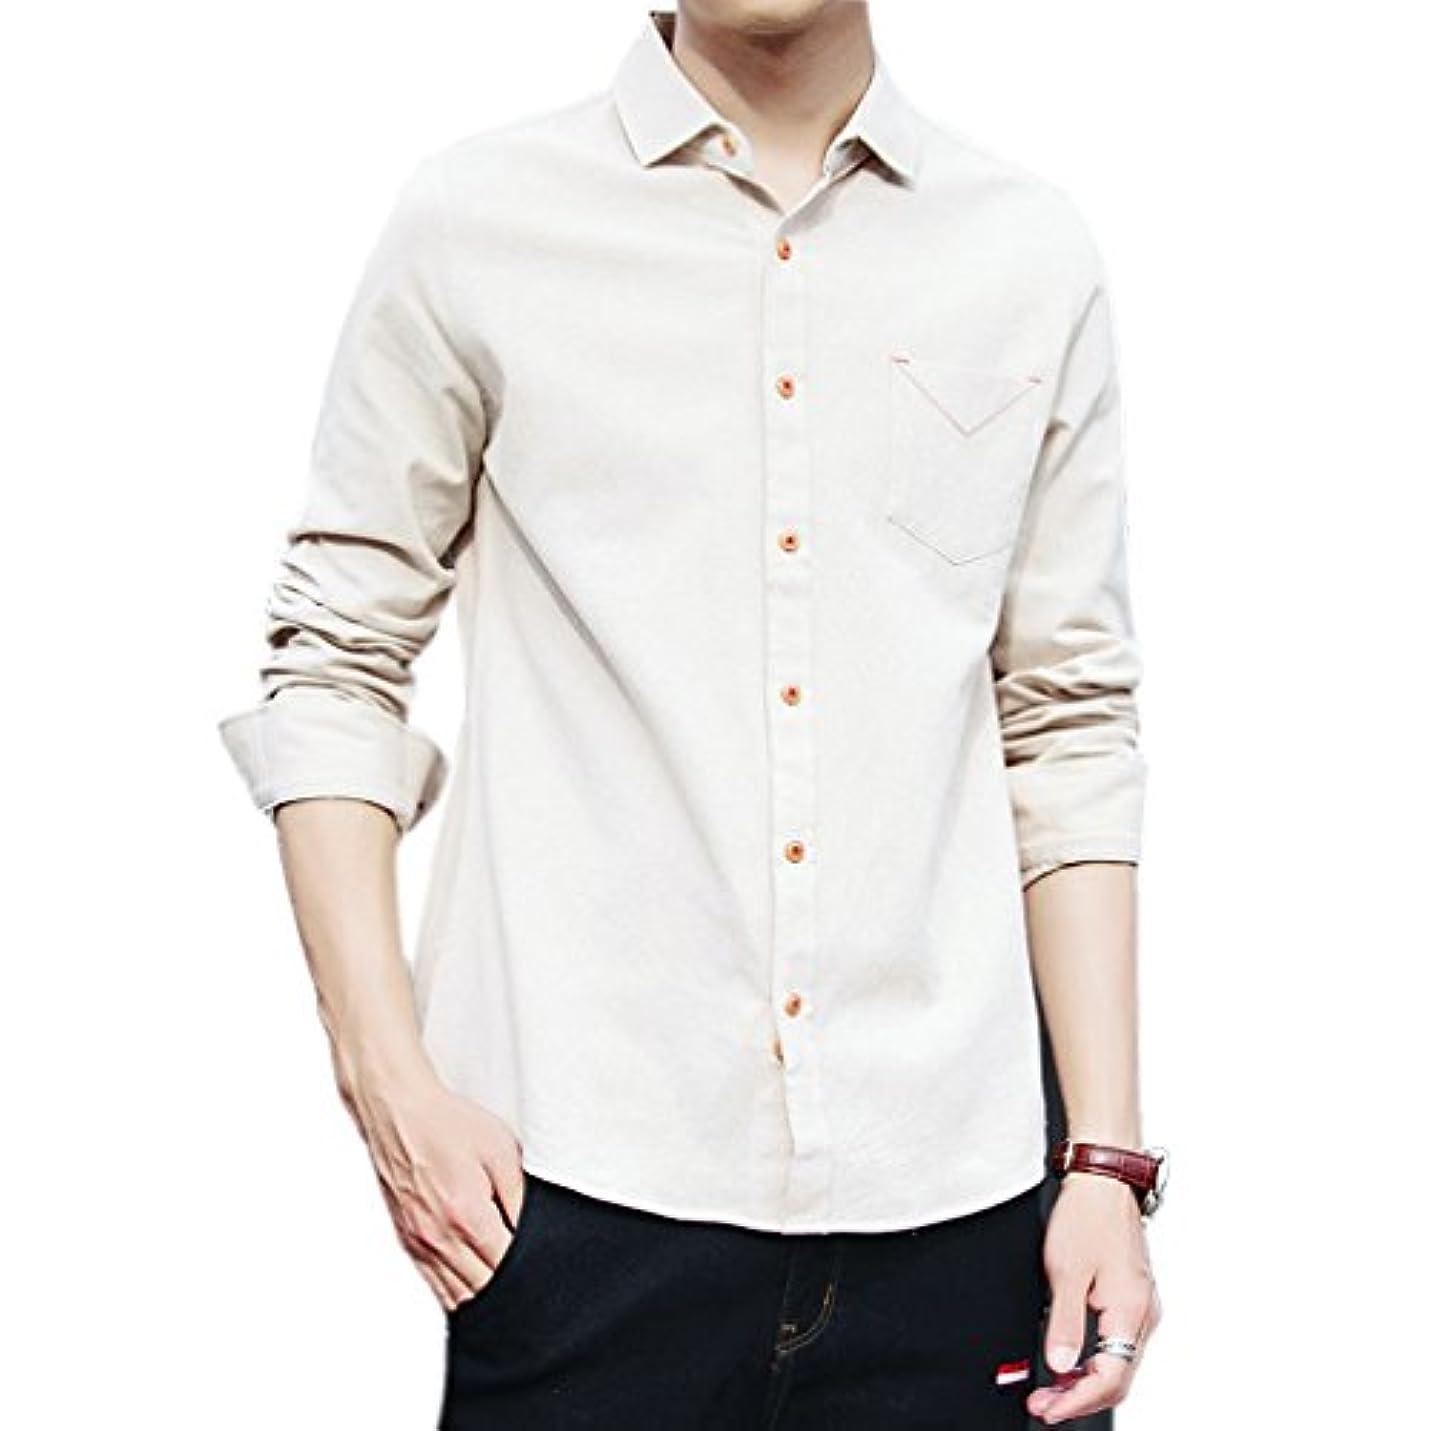 いとこウィンク平均Honghuメンズワイシャツ形態安定加工ノーアイロン耐久性も問題ないサイズもピッタリ婚冠葬祭で着れます